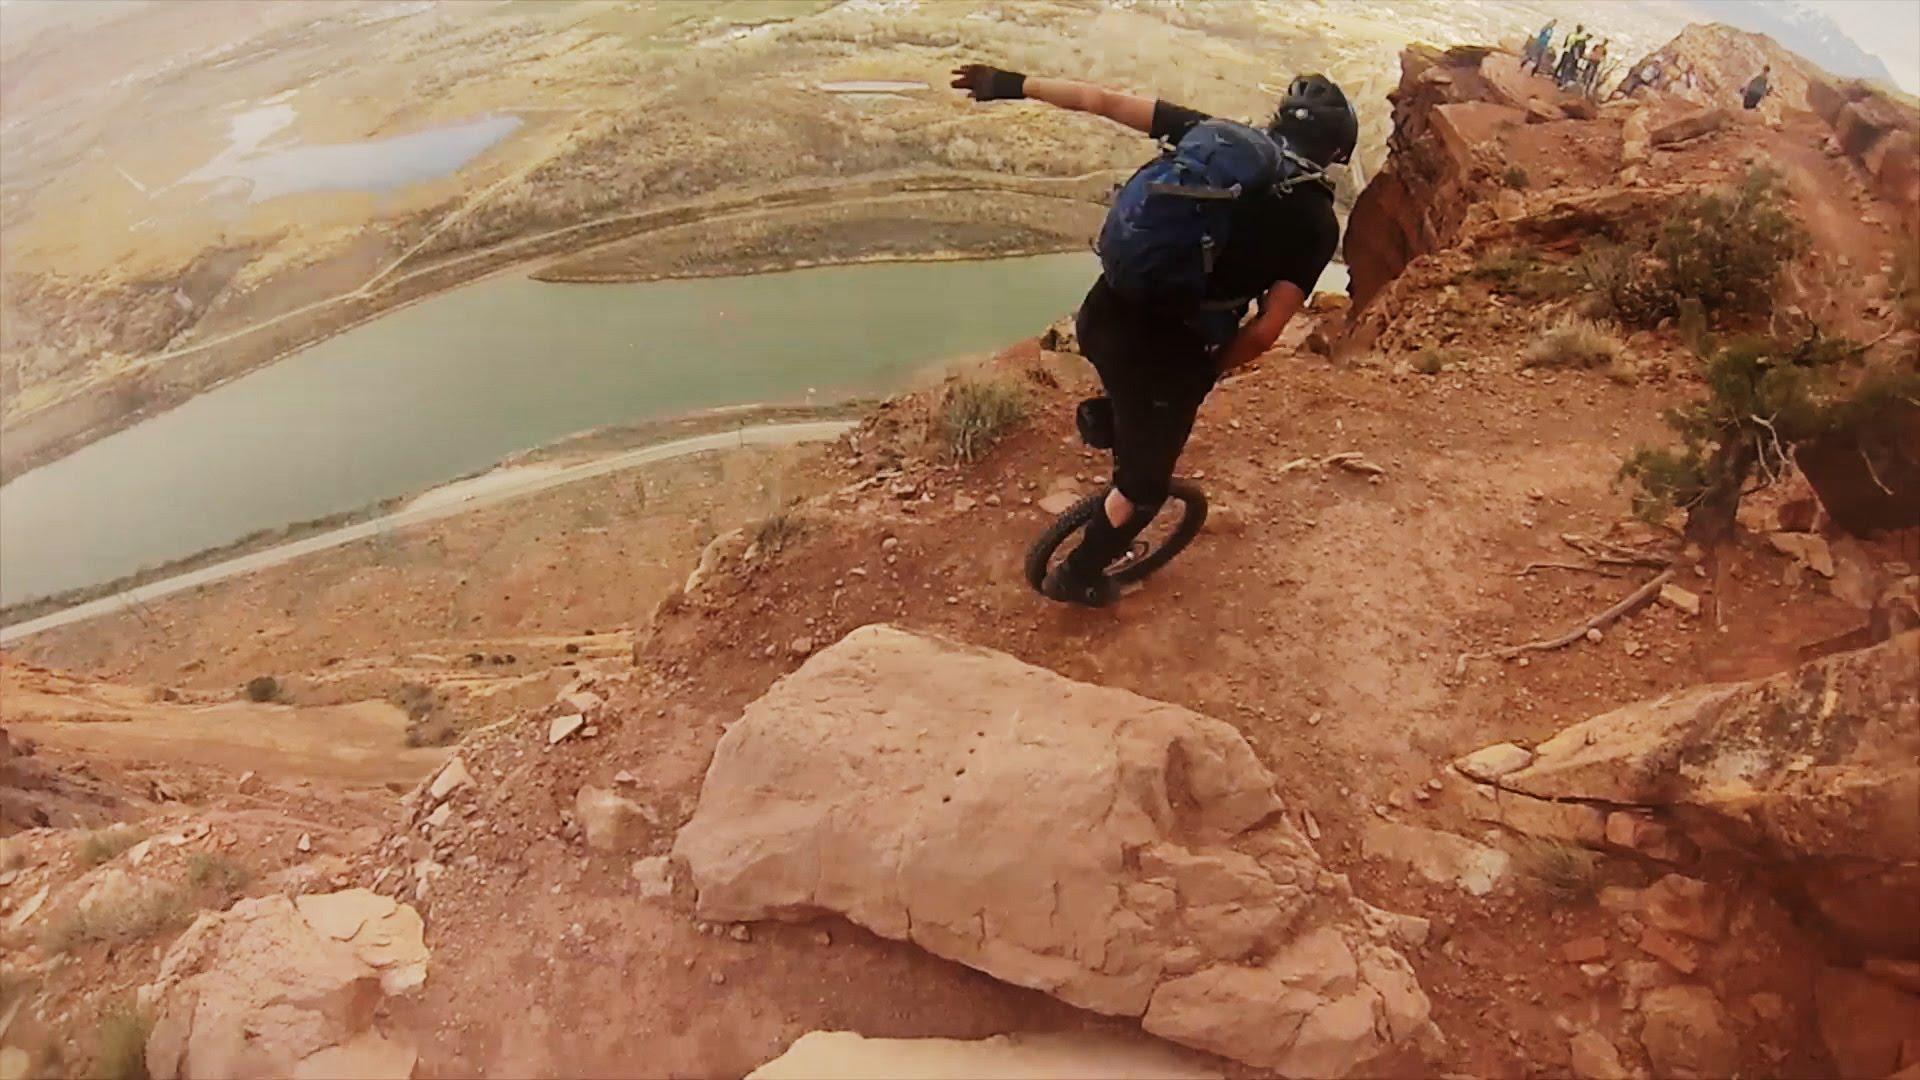 Du monocycle dans un canyon